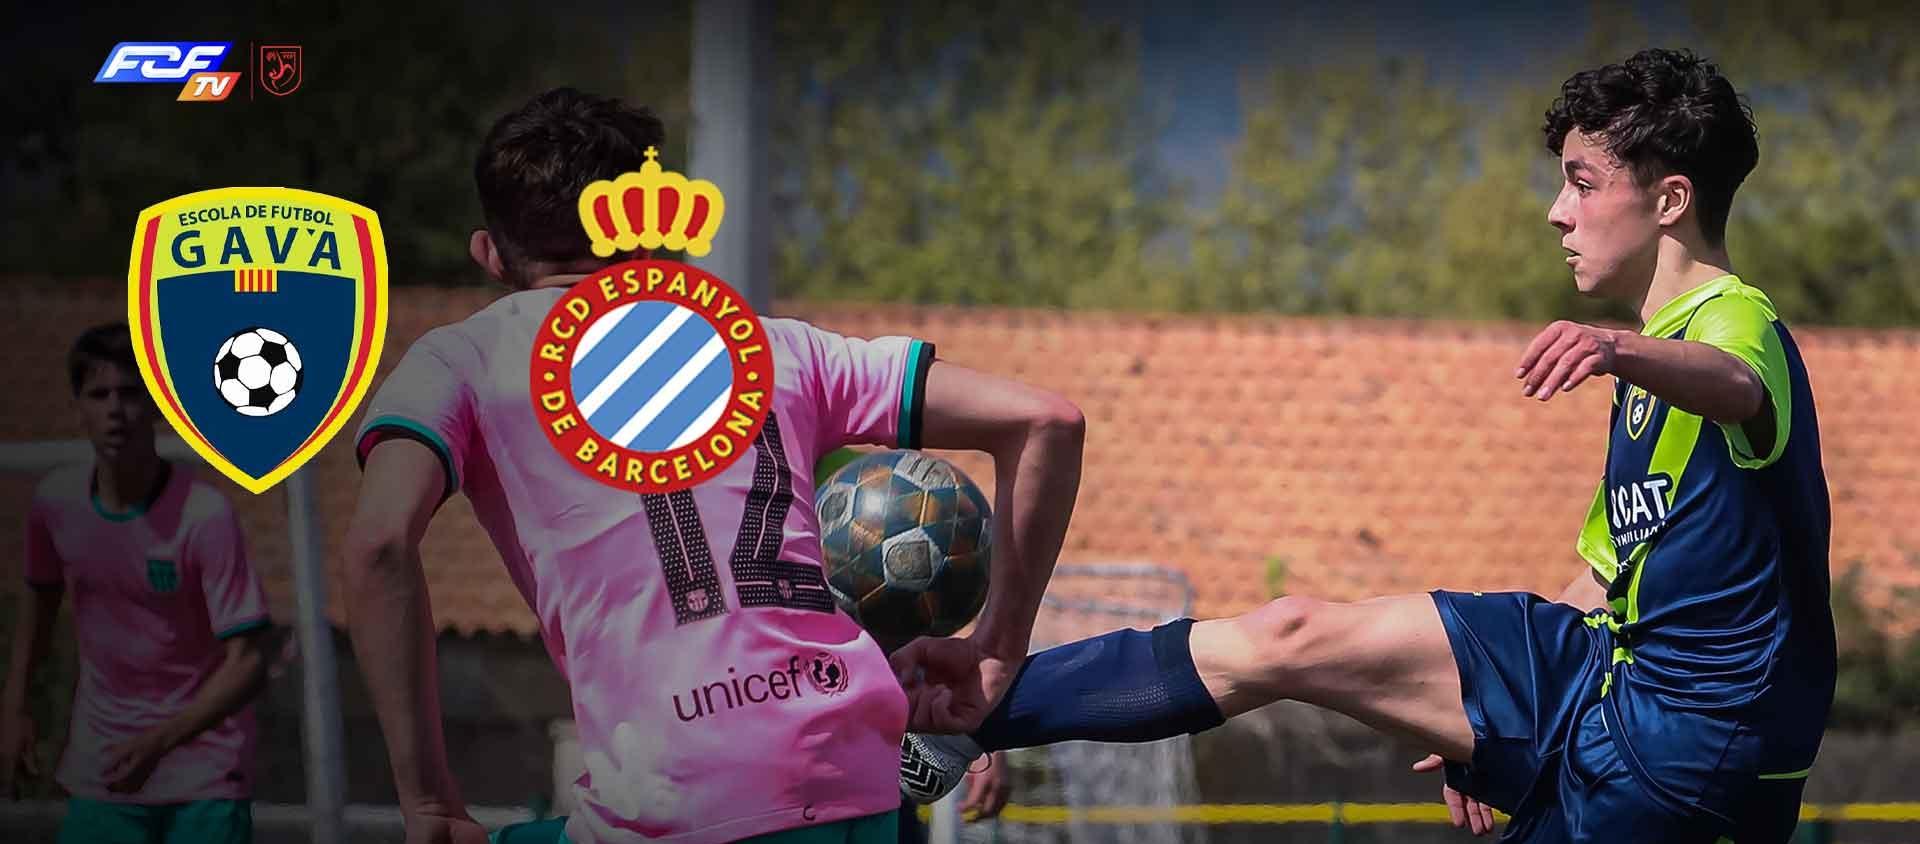 L'FCF TV retransmetrà el partit Cadet EF Gavà-RCD Espanyol